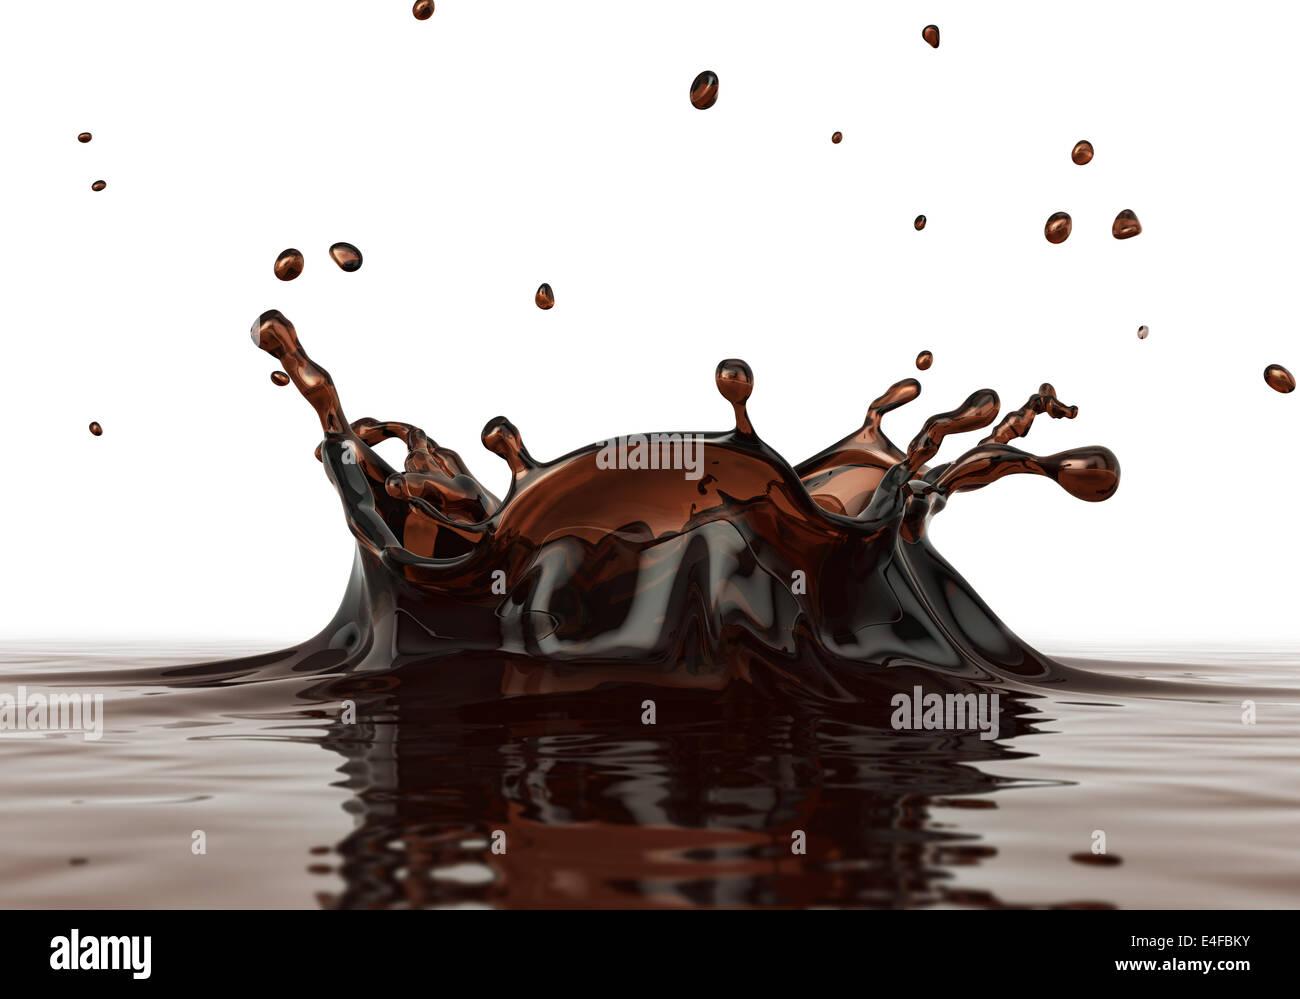 Le café liquide splash close up. Vue de côté. Sur fond blanc. Chemin de détourage inclus. Photo Stock